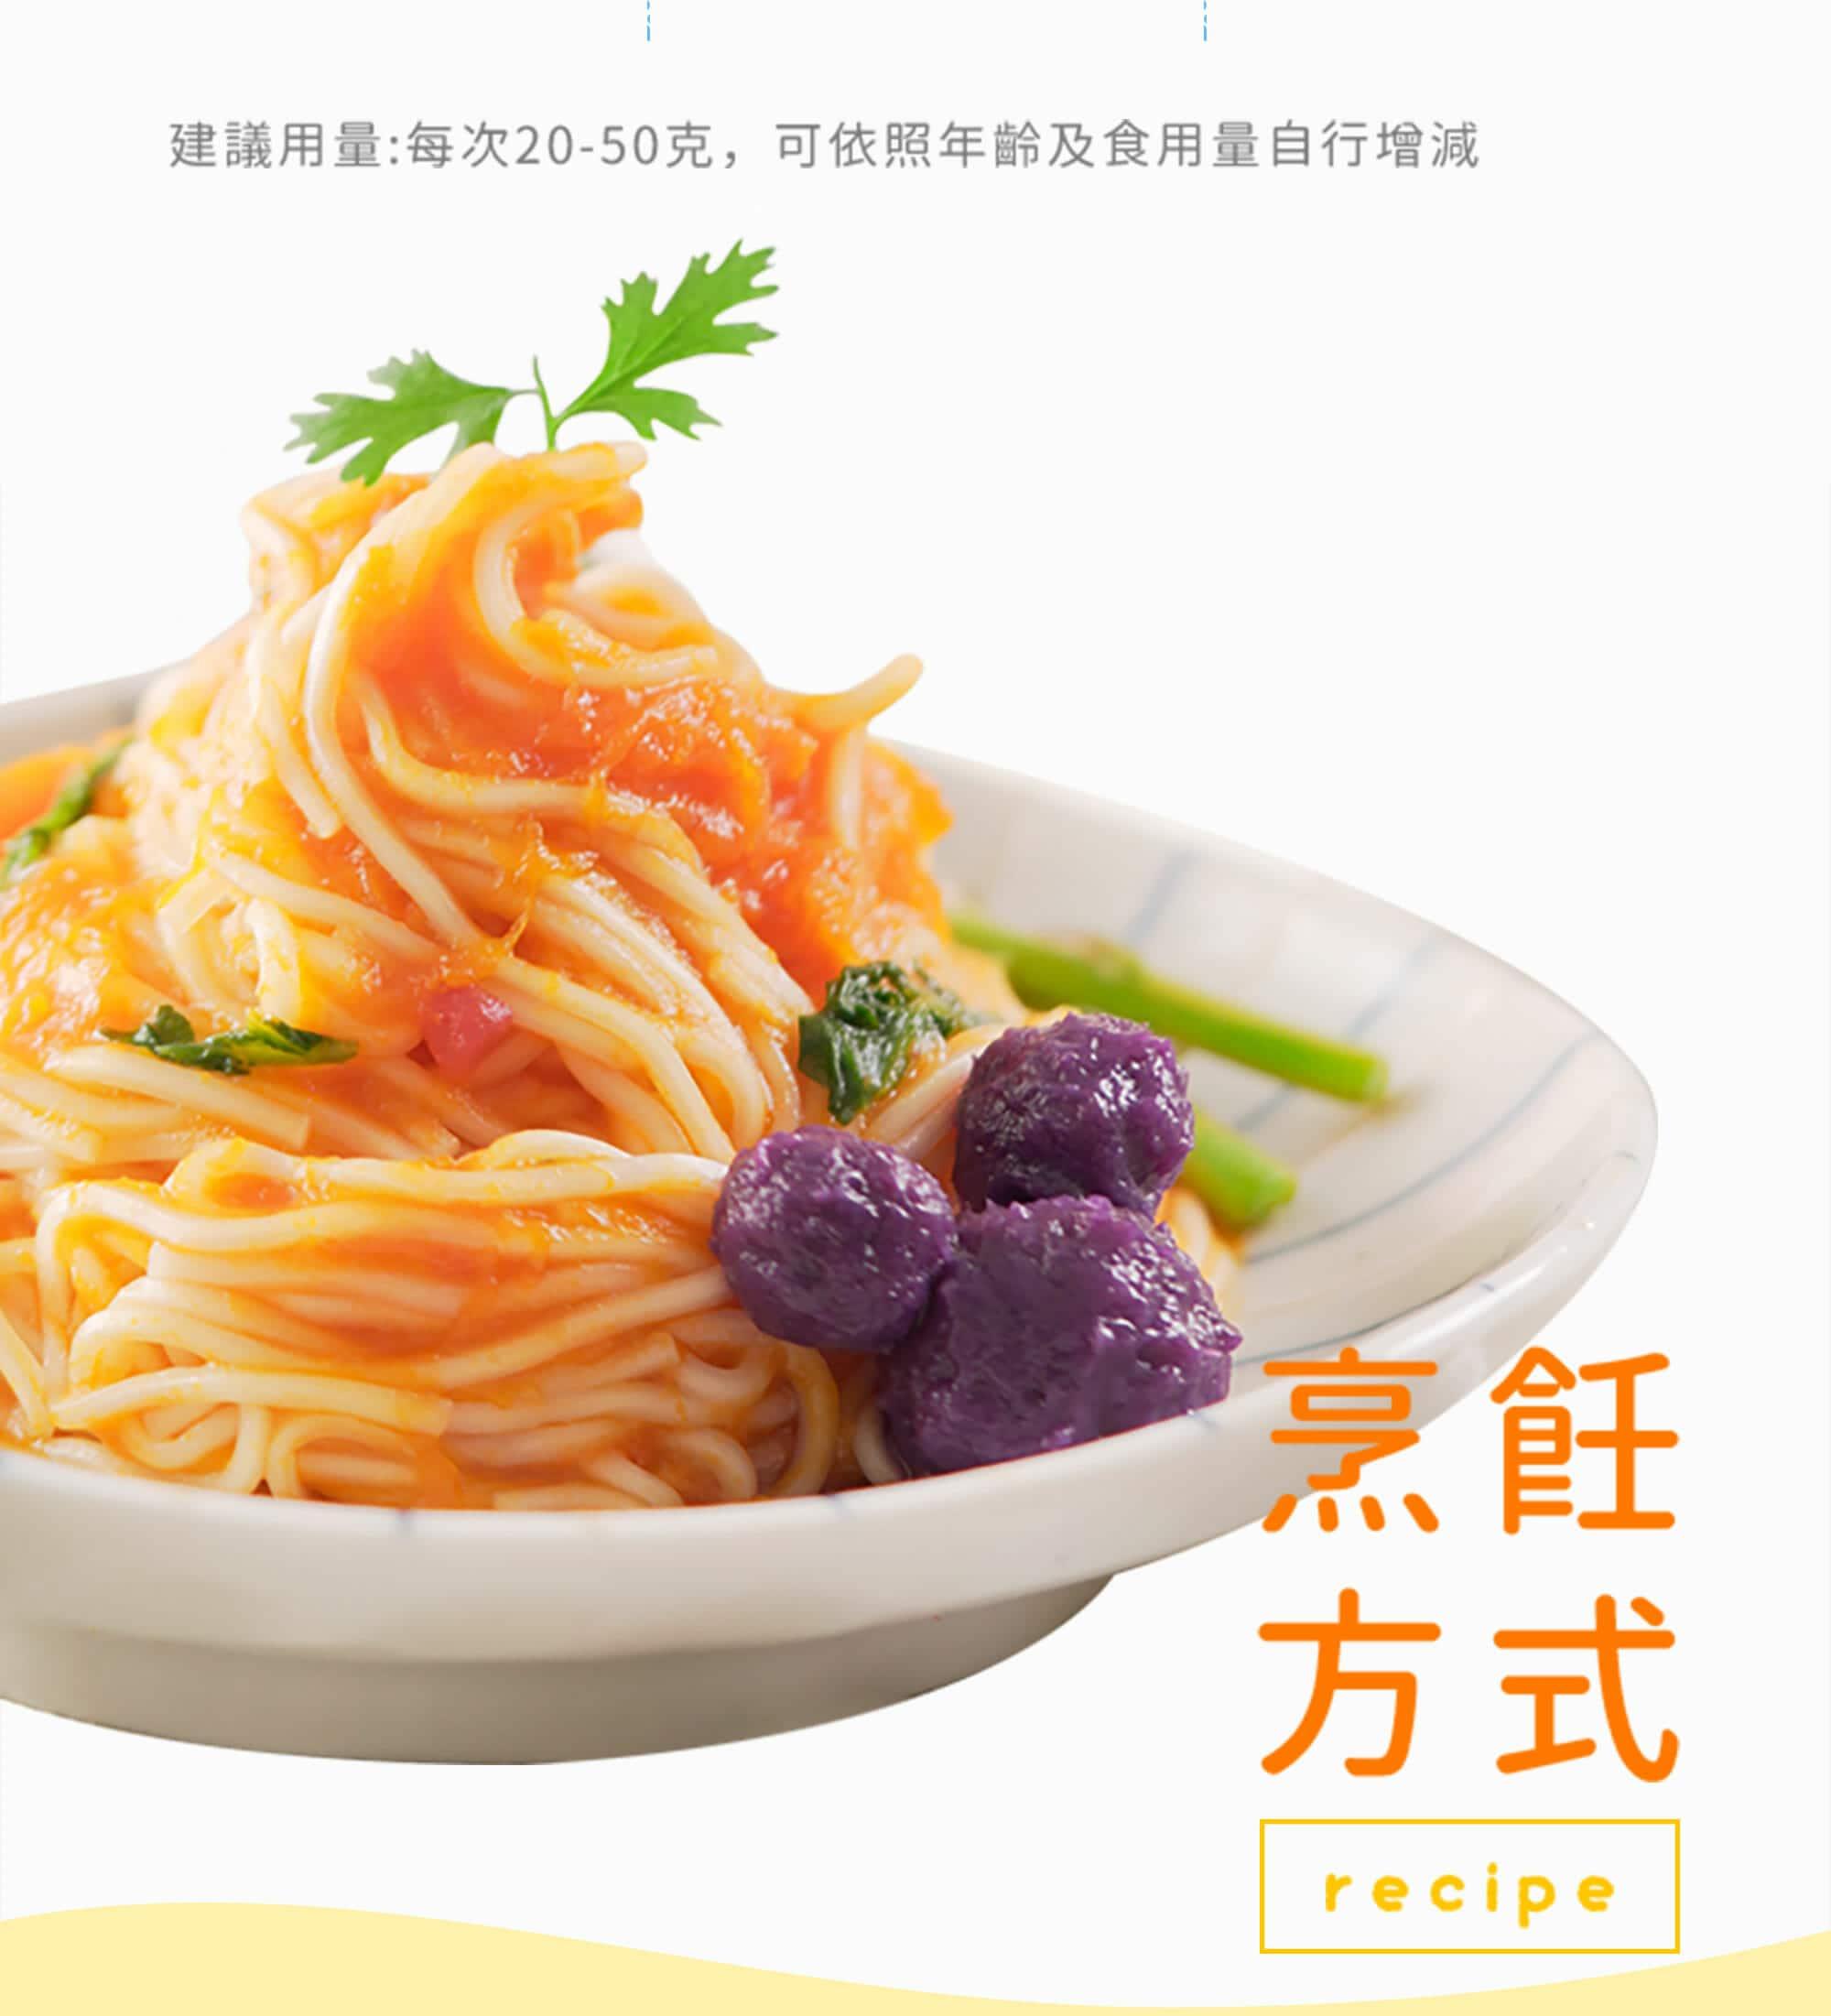 穗穗康健寶寶細麵的烹飪方式